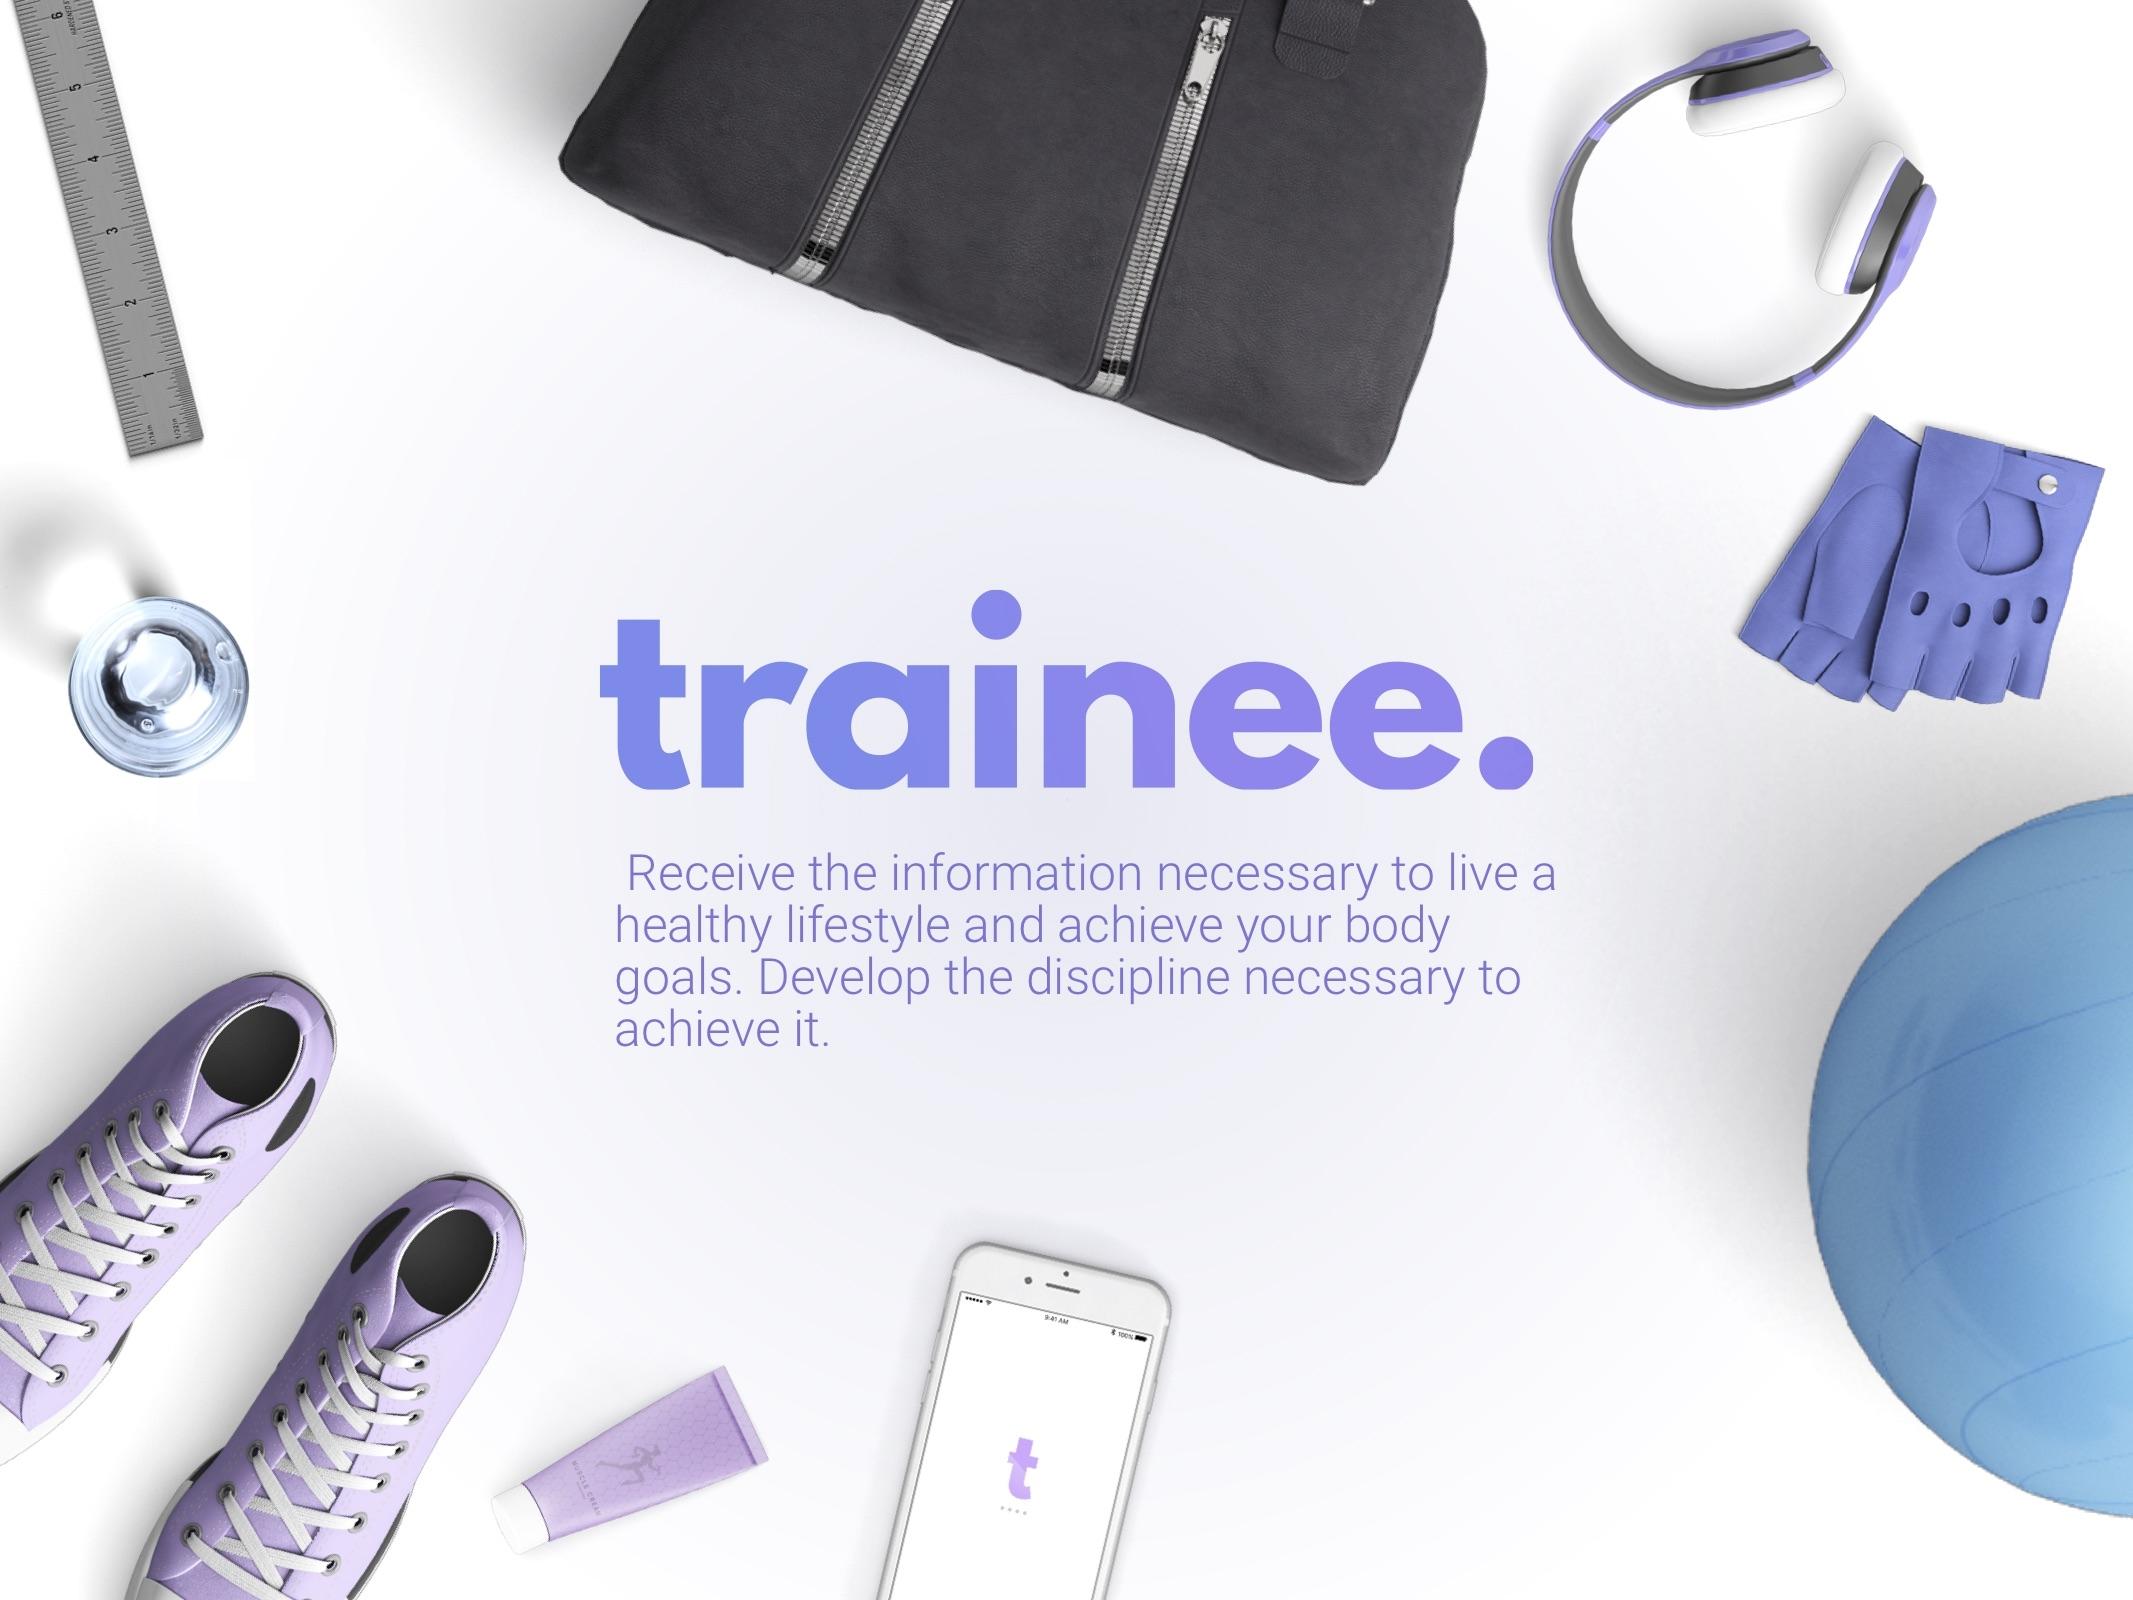 Trainee1